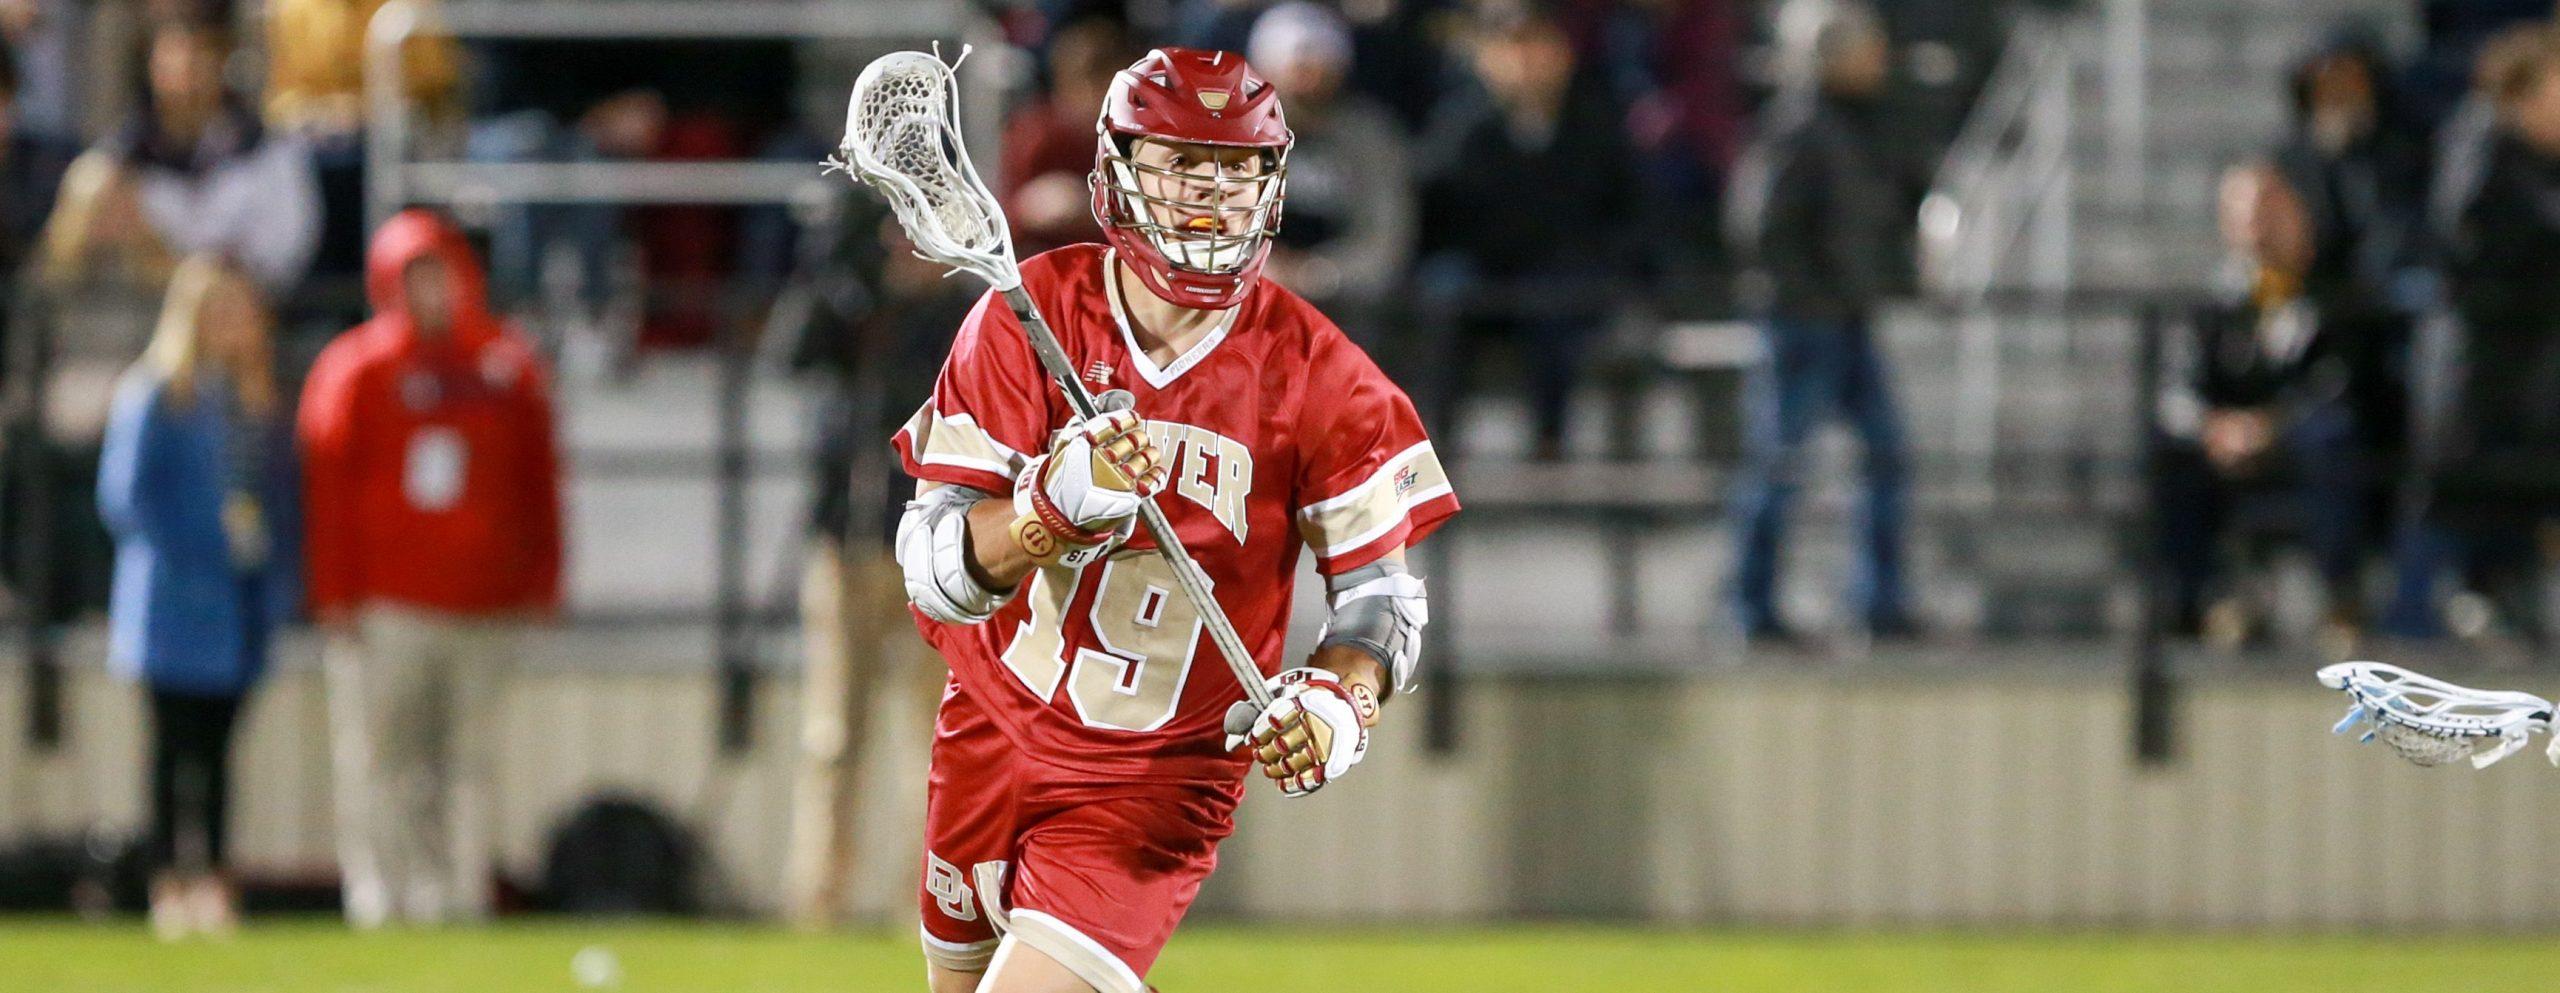 Danny Logan Denver Lacrosse